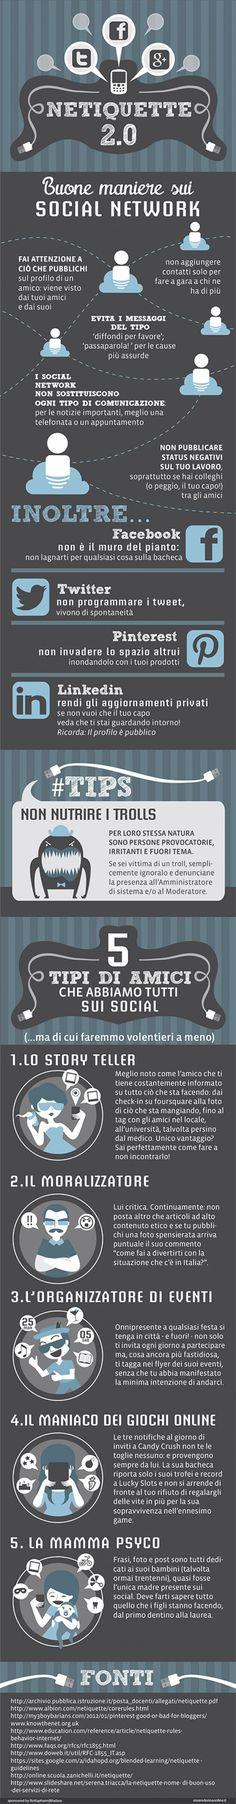 Netiquette 2.0: buone maniere sui social network per Esseredonnaonline by kleland studio di Alice Borghi